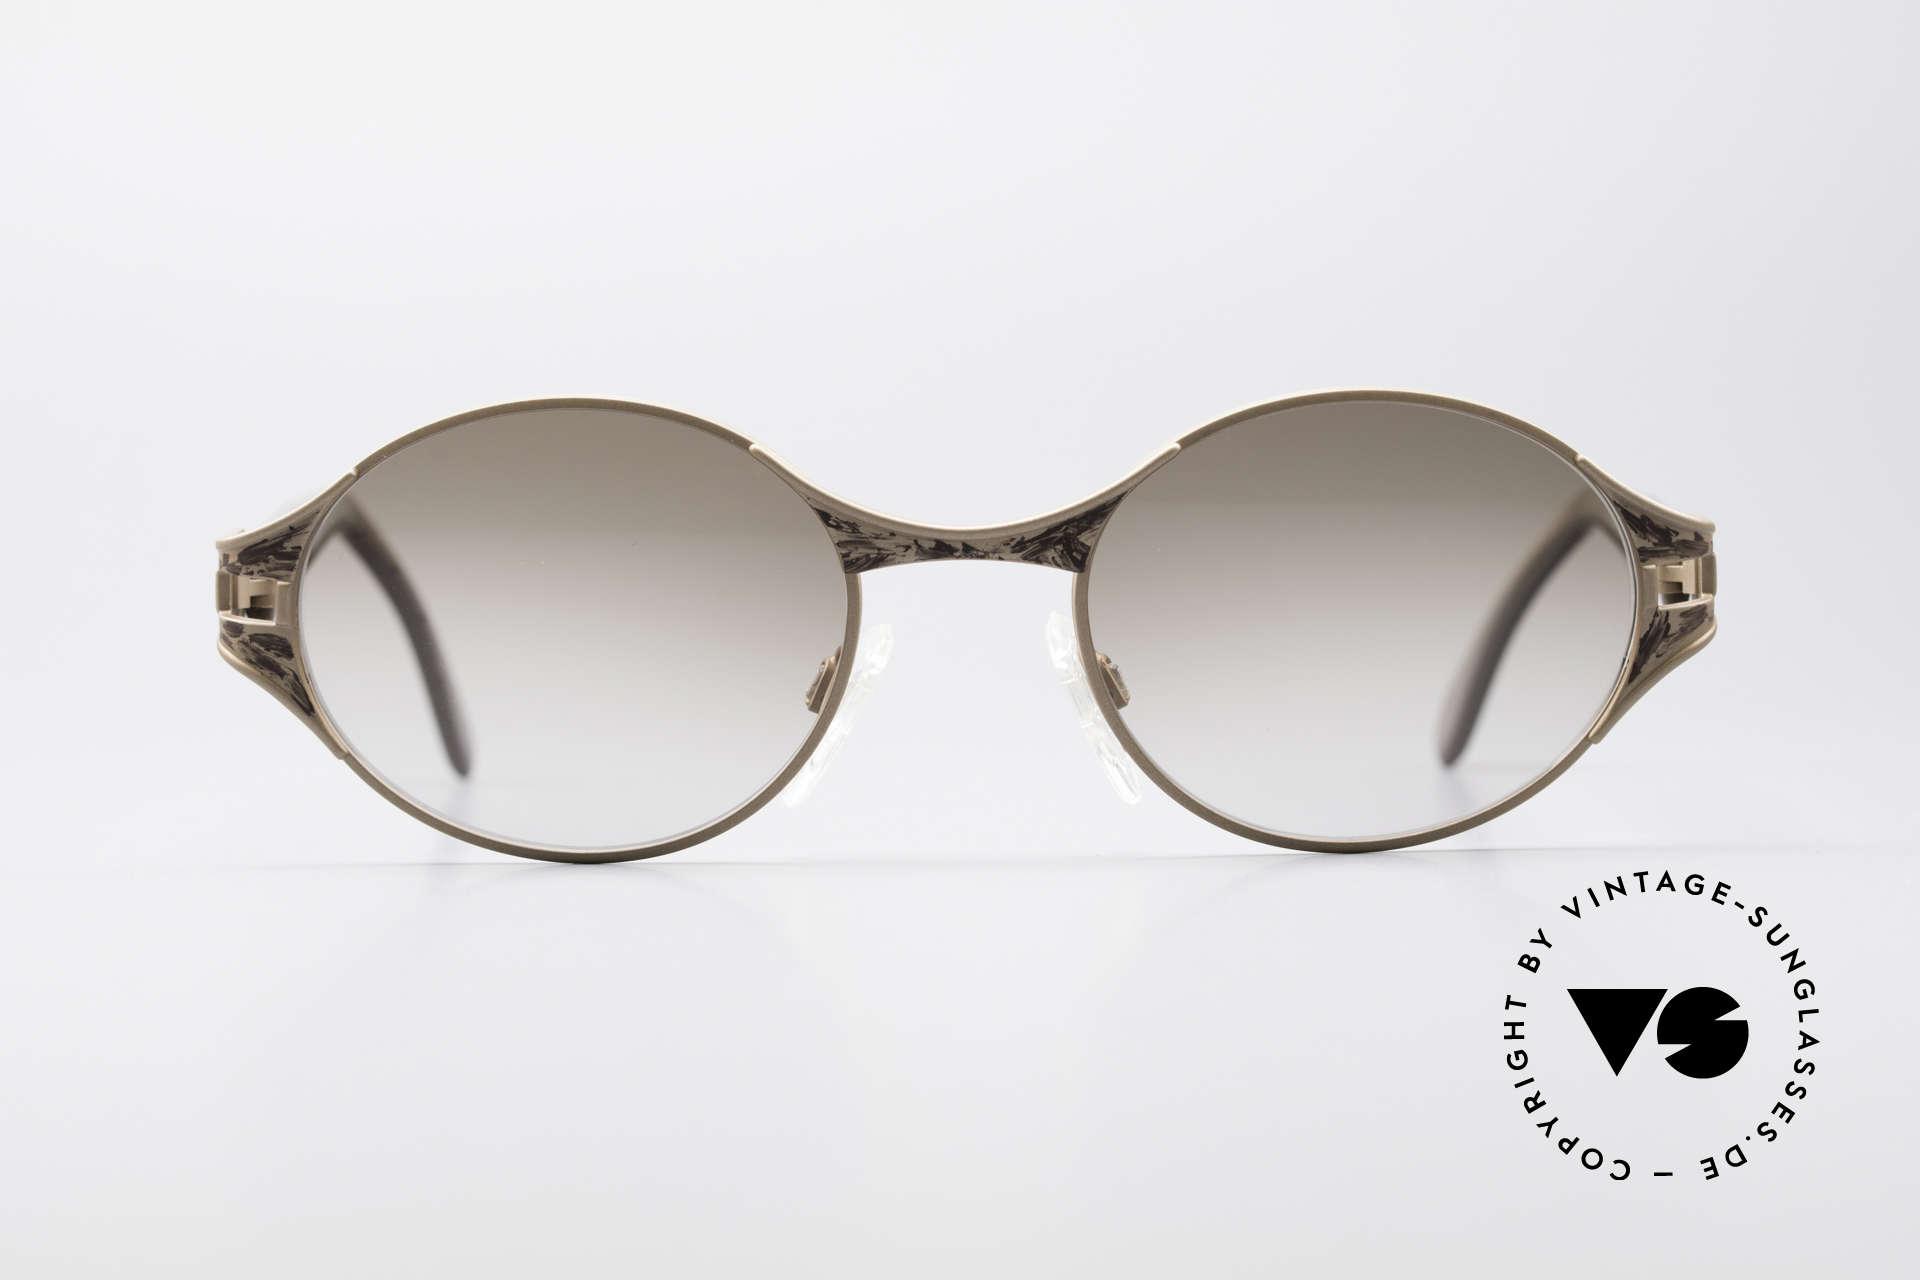 Cazal 281 90er Damen Sonnenbrille Oval, aufwändige Rahmengestaltung in Farbe und Form, Passend für Damen